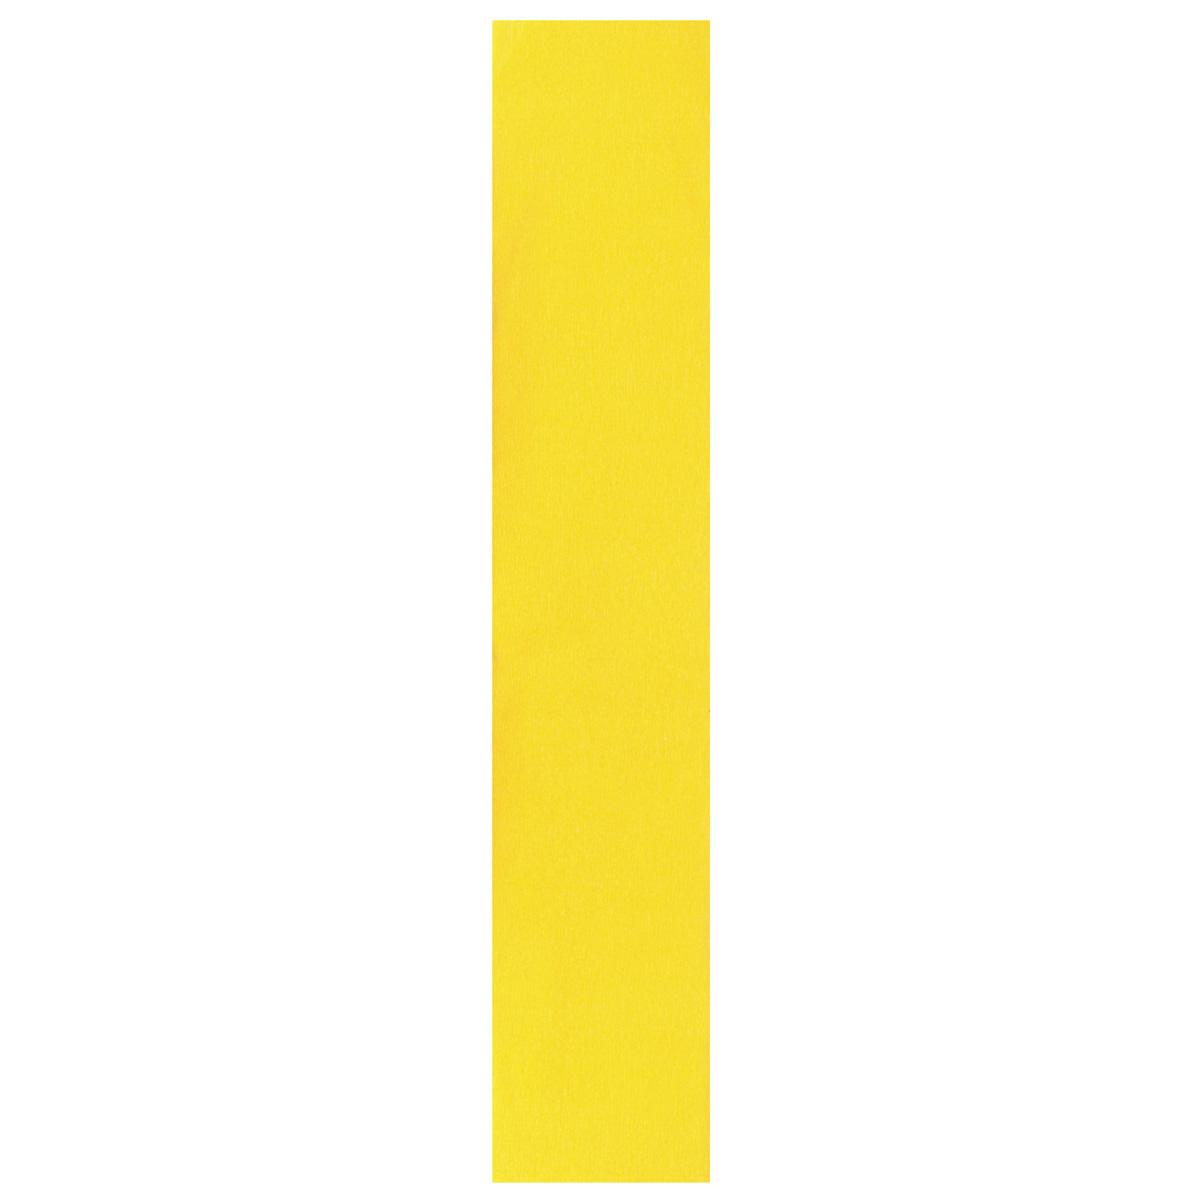 Бумага креповая Folia, цвет: желтый (06), 50 см x 2,5 м7704392_06Бумага креповая Folia - прекрасный материал для декорирования, украшения интерьера, изготовления искусственных цветов, эффектной упаковки и различных поделок. Бумага прекрасно держит форму, отлично крепится и замечательно подходит для изготовления праздничной упаковки для цветов.